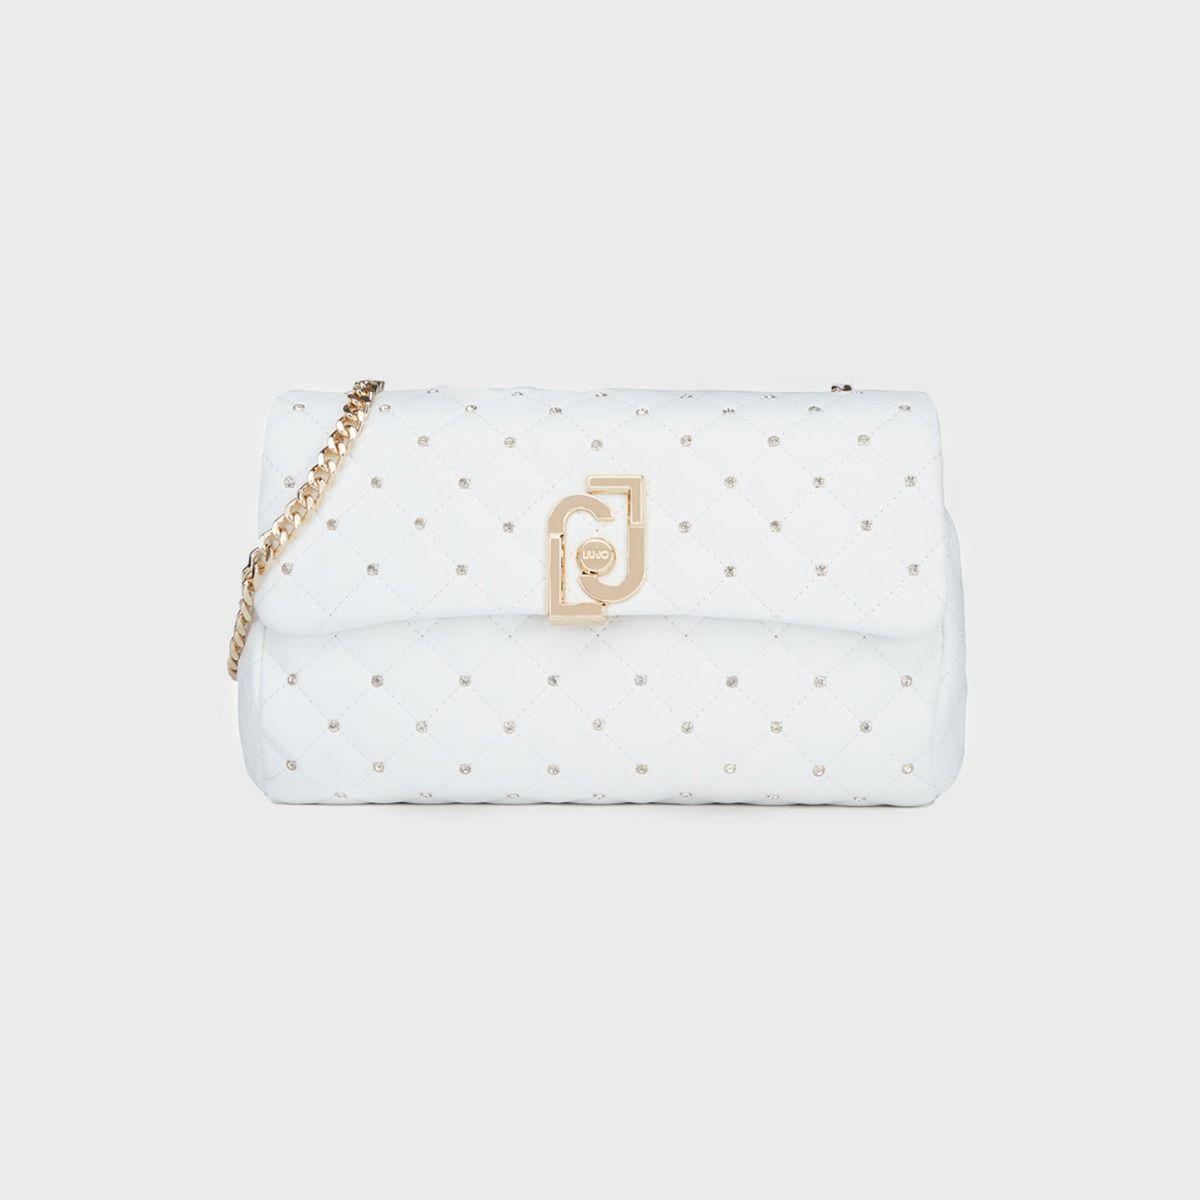 OFFERTA Tracolla Liu Jo con piccole borchie | ecopelle